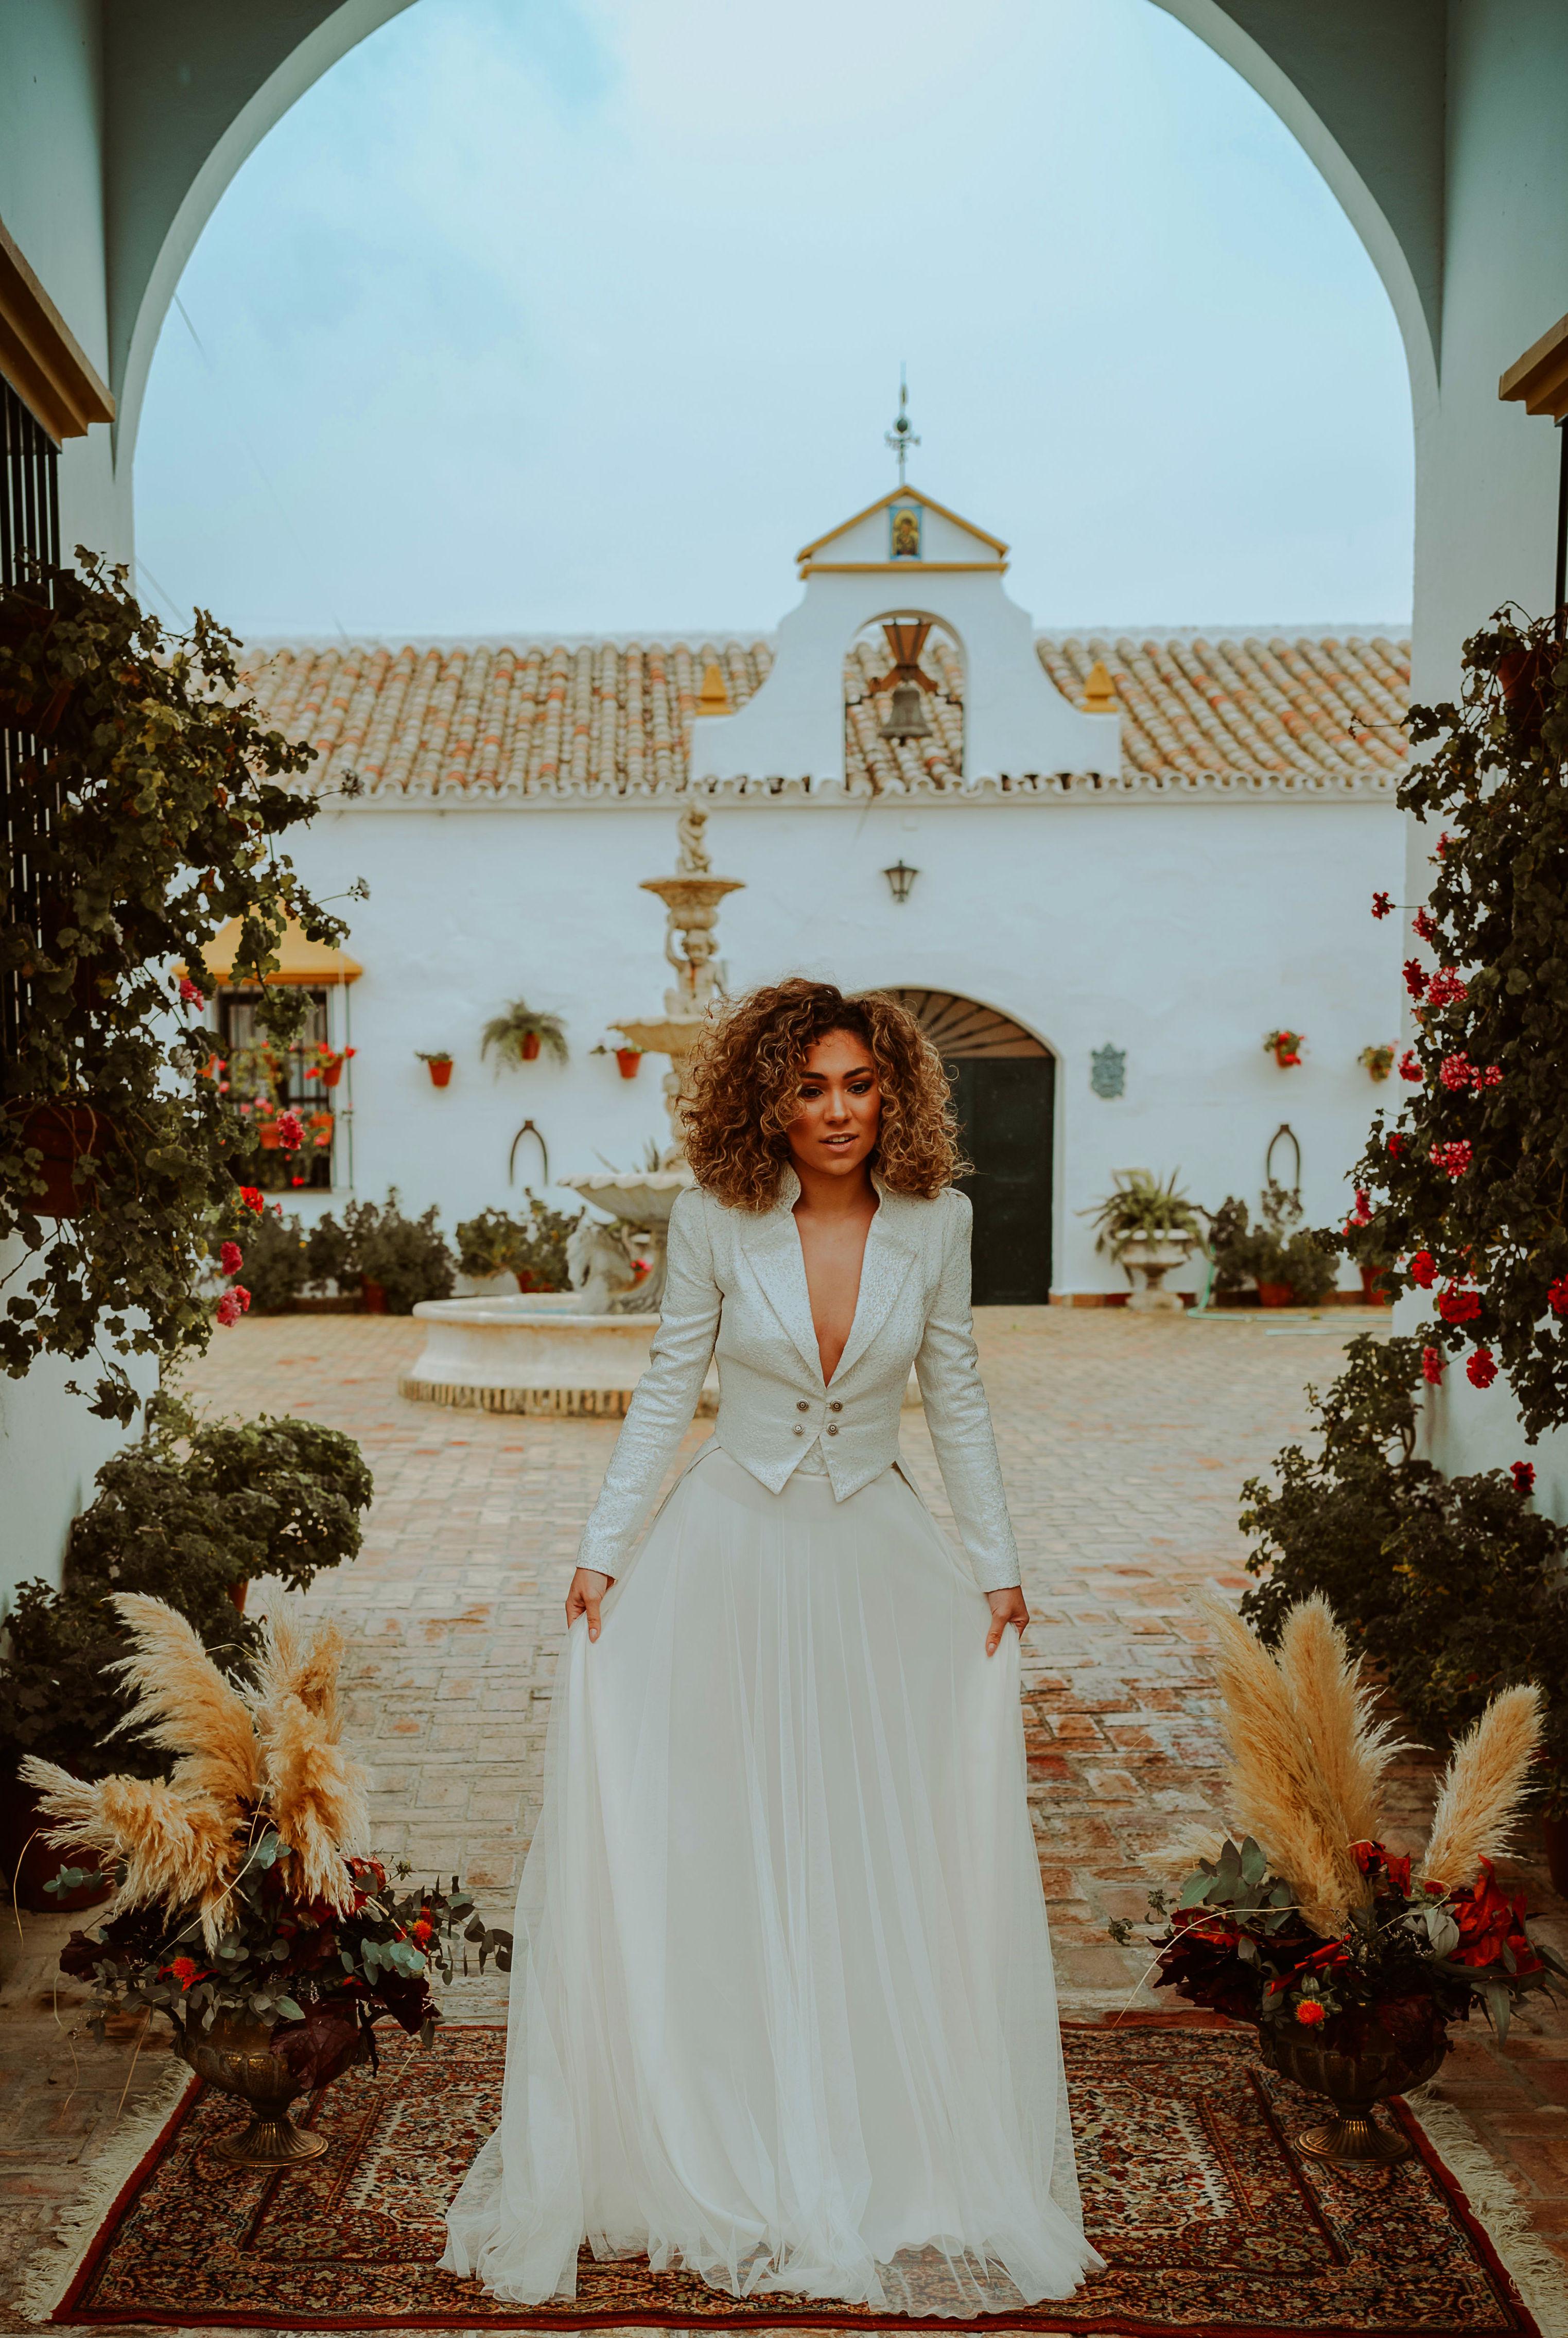 Foto 3 de Celebración de bodas en Alcalá de Guadaíra | Hacienda Mendieta